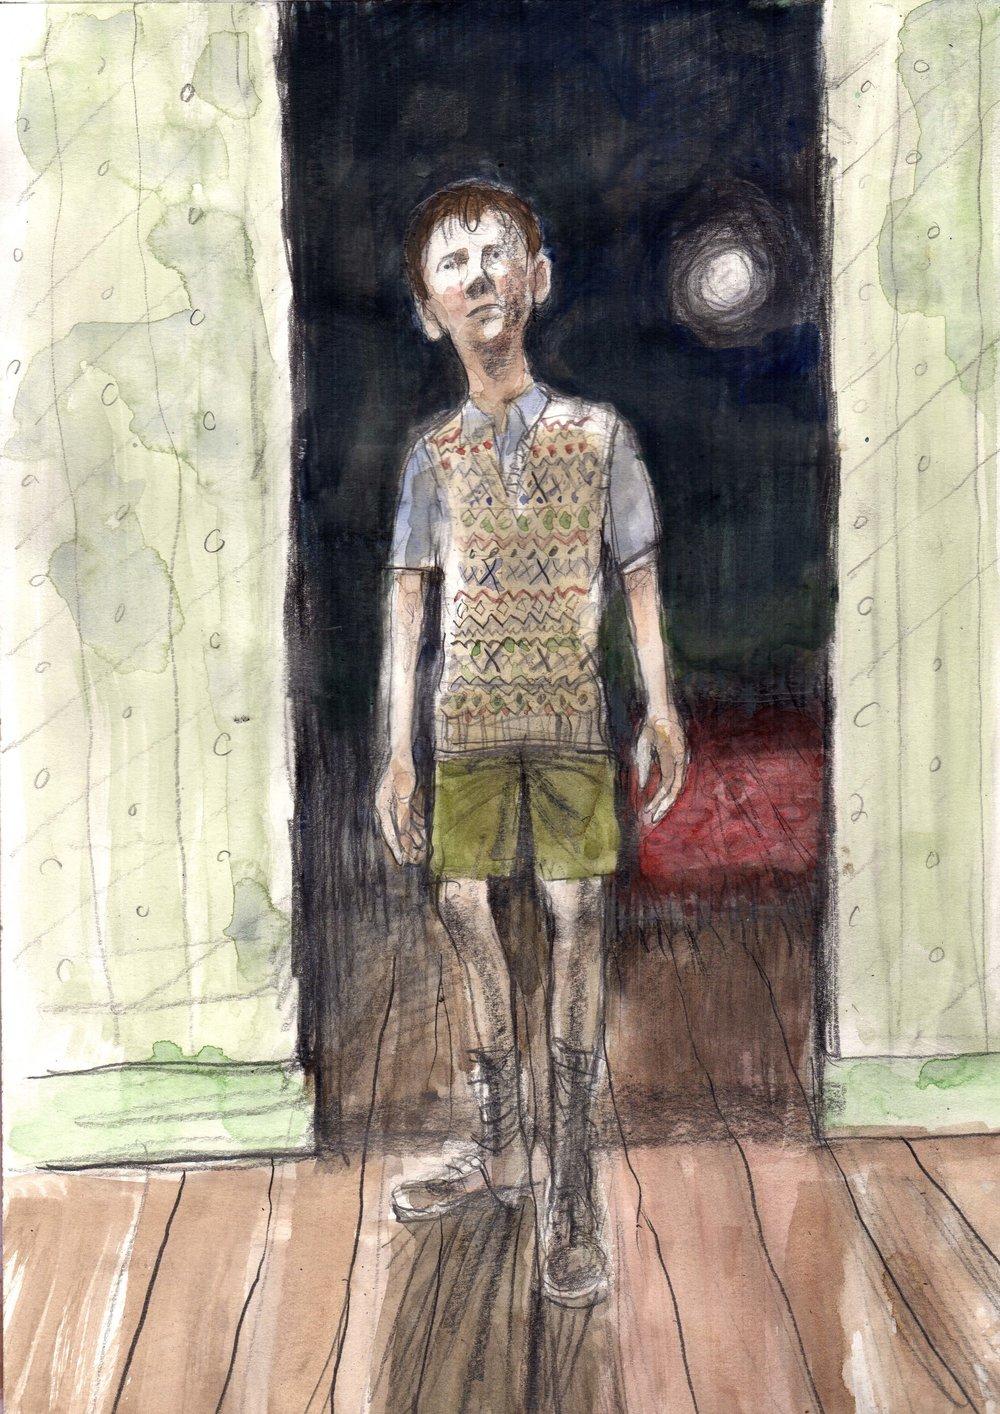 Illustration for The Trespasser